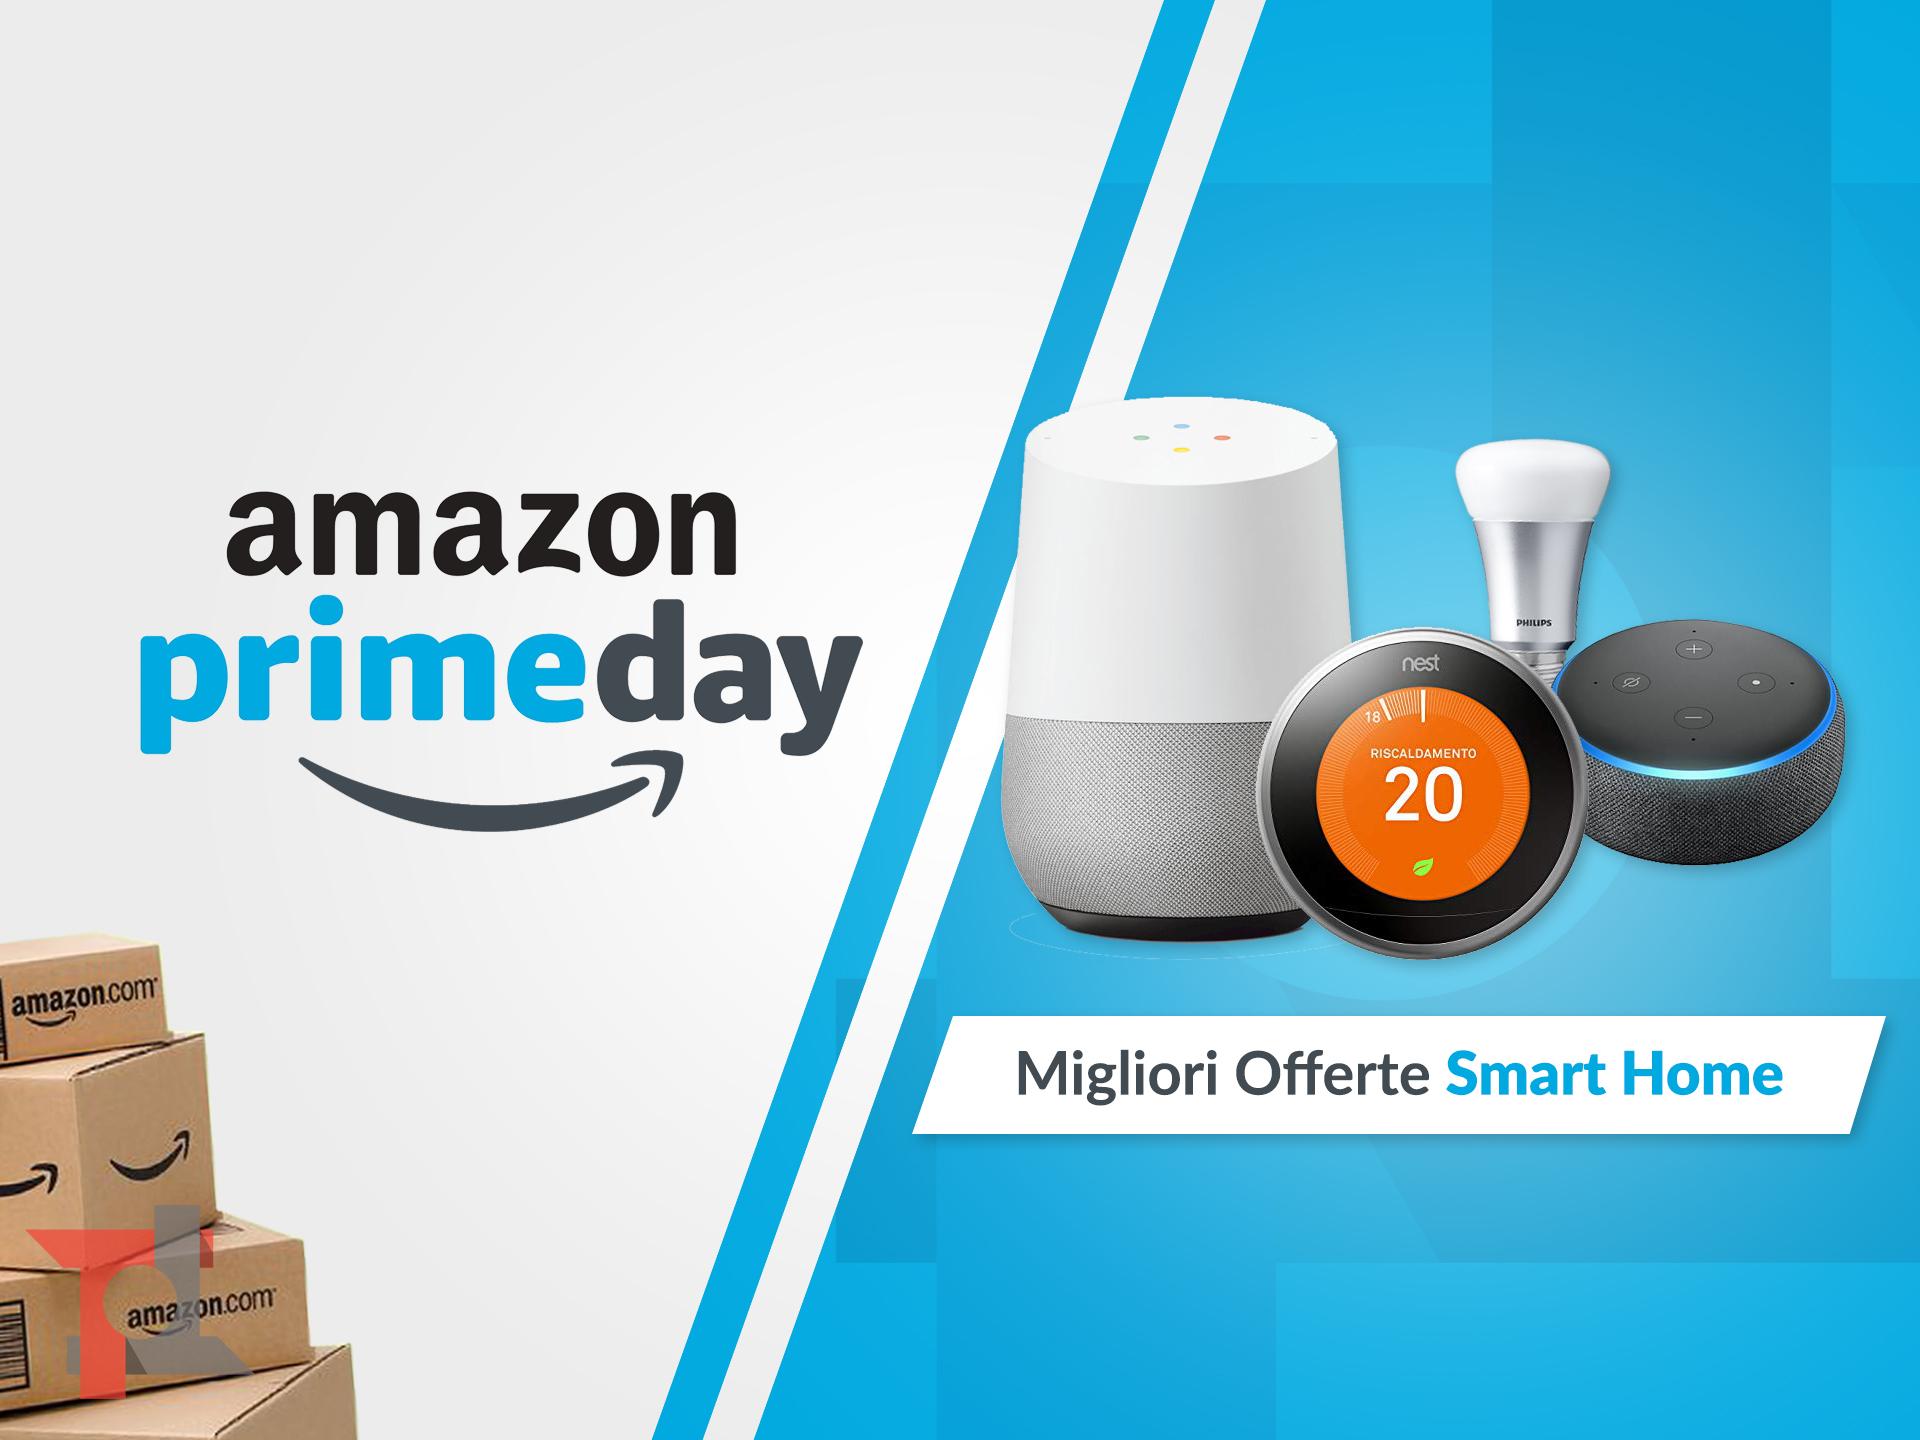 migliori offerte amazon prime day smart home